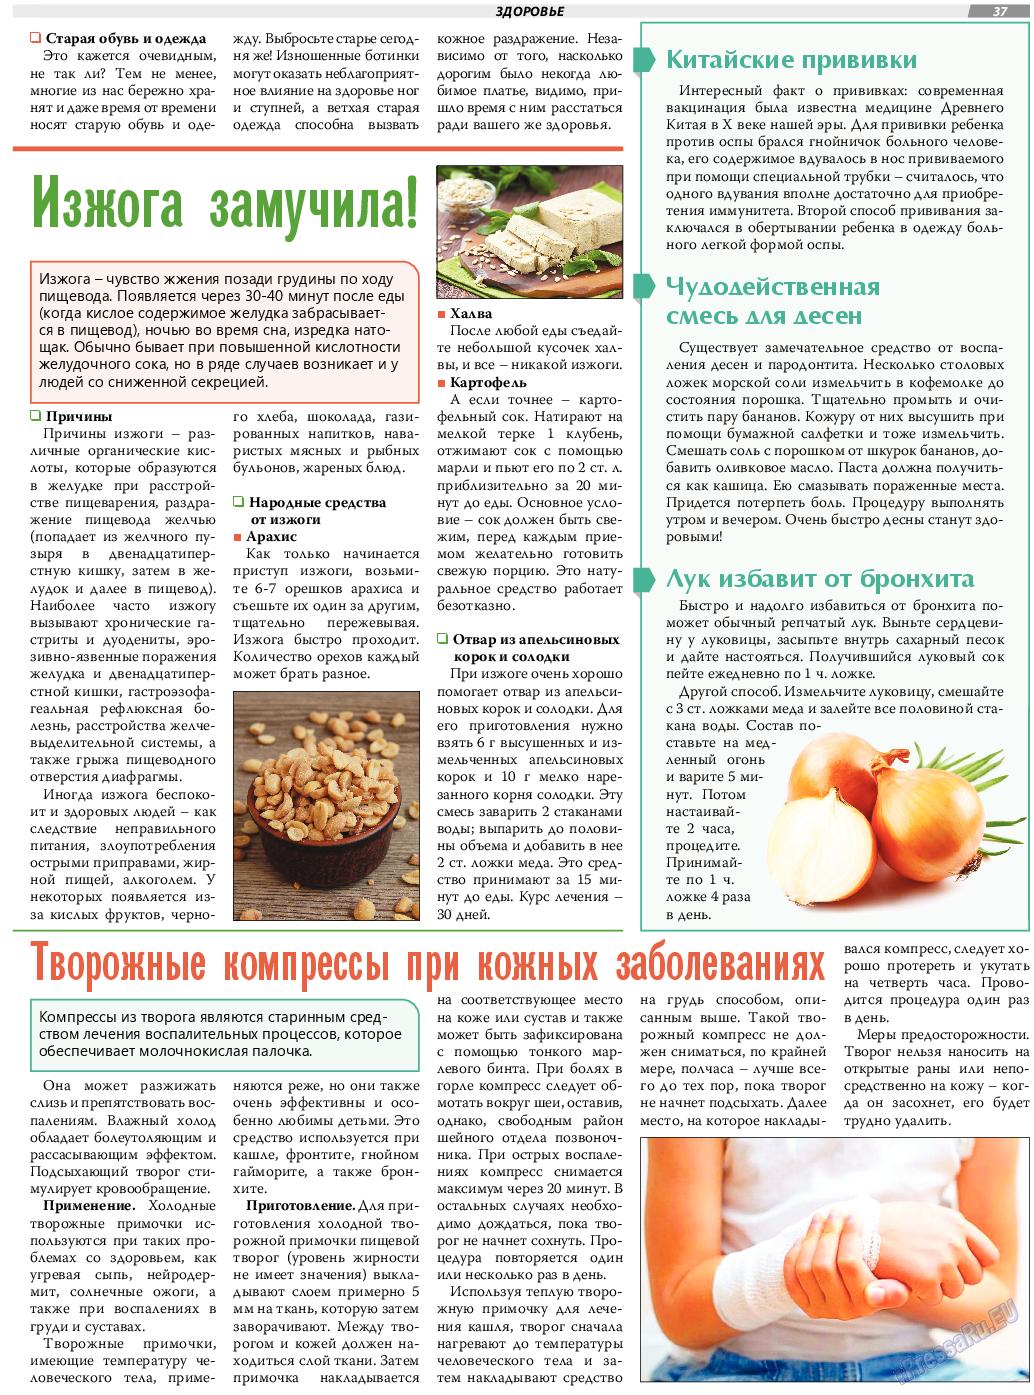 TVrus (газета). 2020 год, номер 43, стр. 37